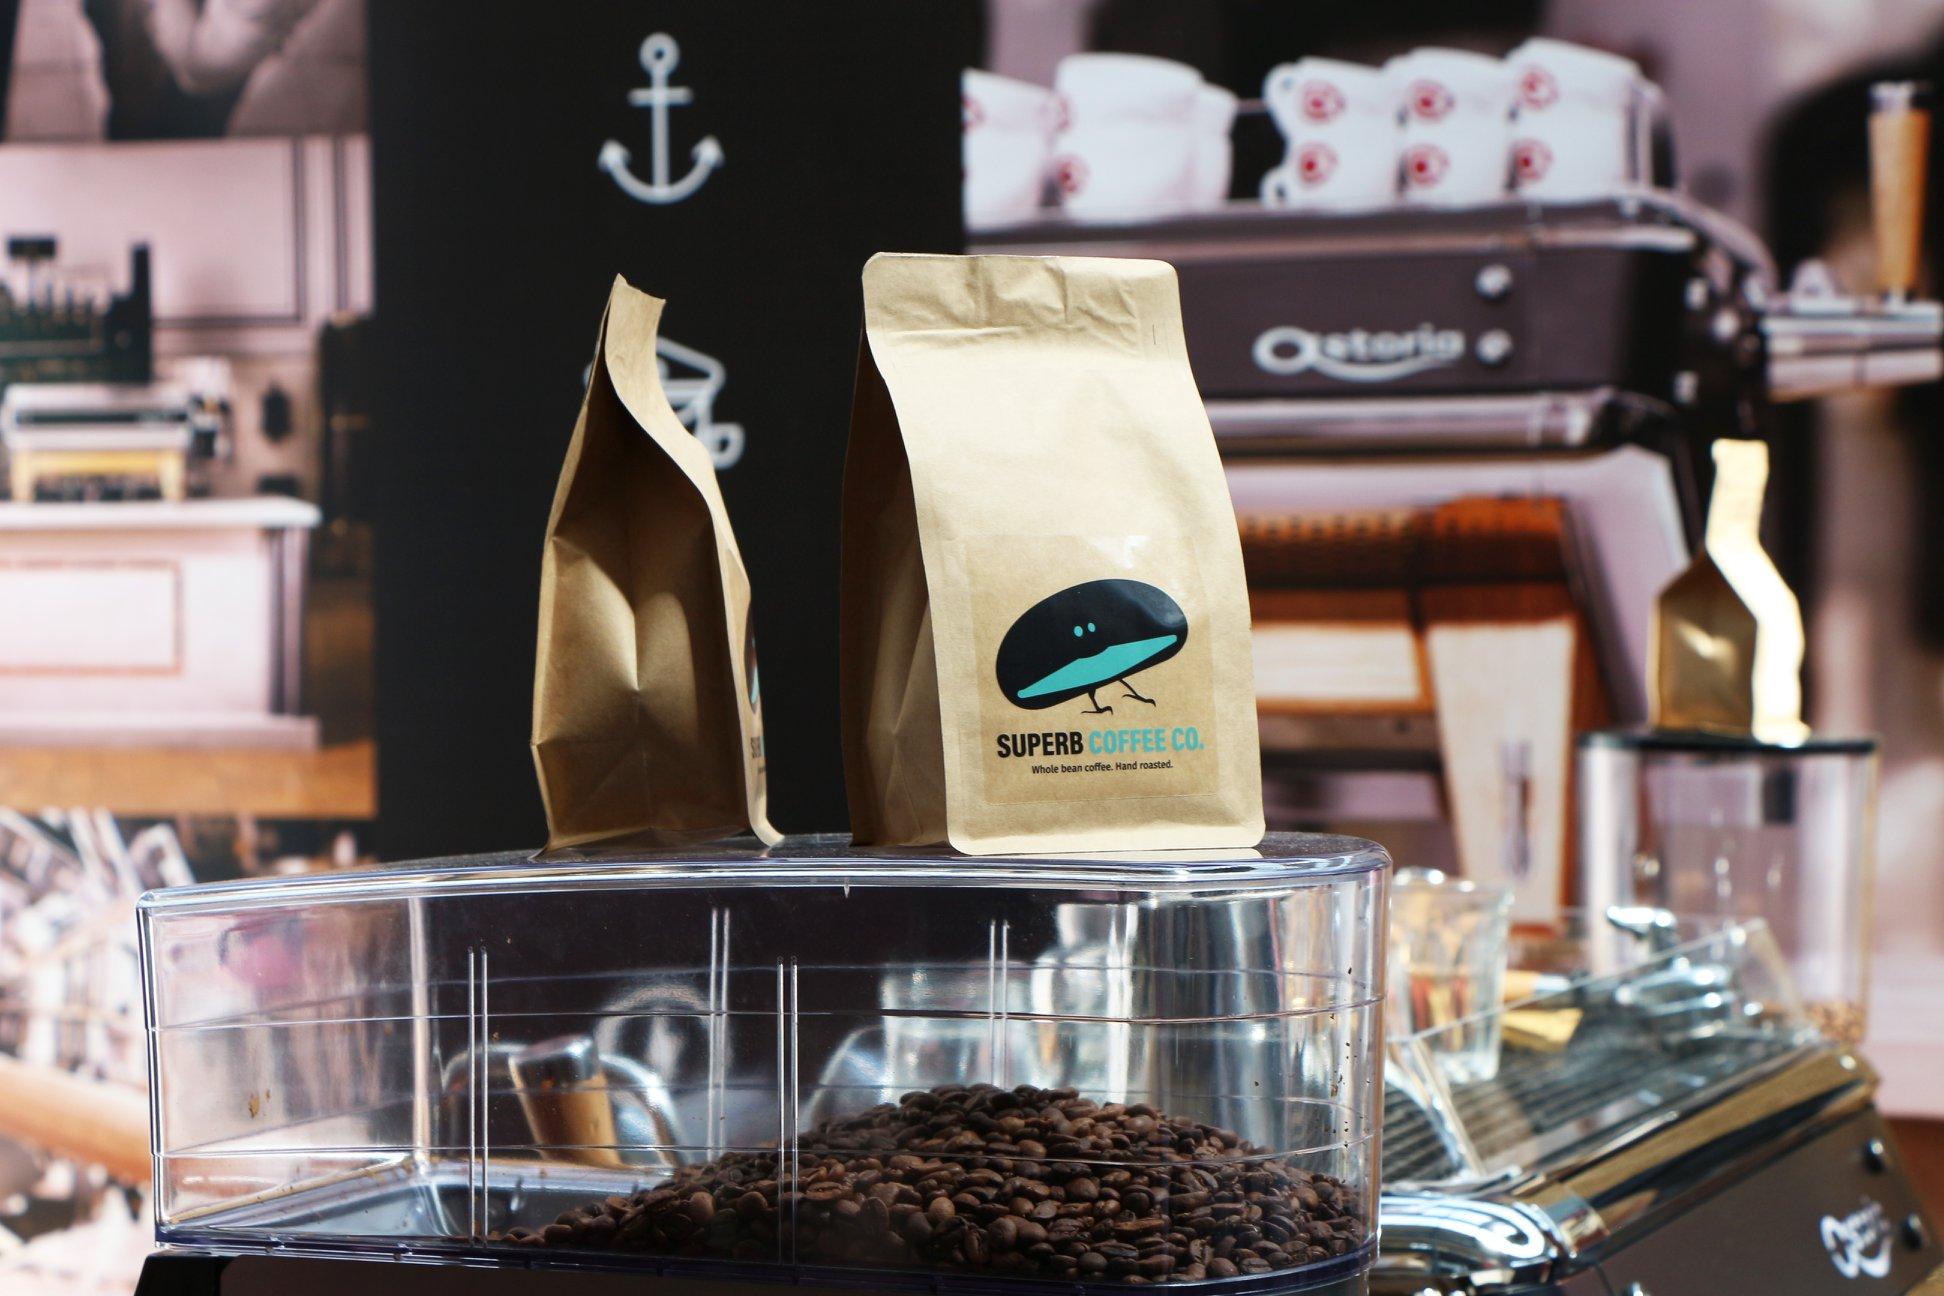 superbcoffeecompanybeansgrinderastoriacoffeemachine.jpg